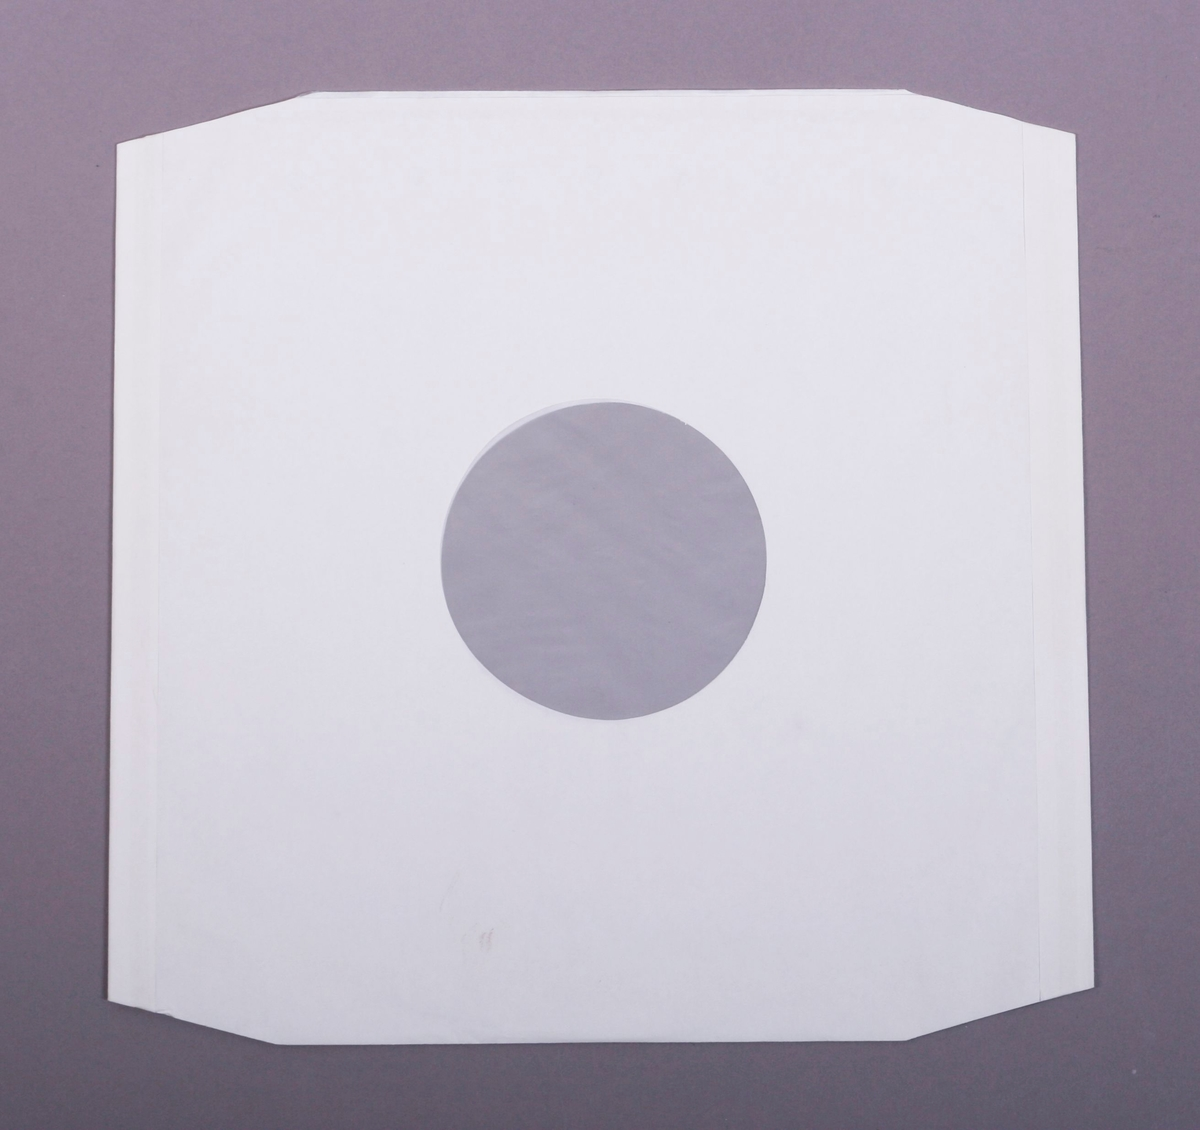 Grammofonplate i svart vinyl og plateomslag i papp. Plata ligger i en papirlomme med plastfôr.